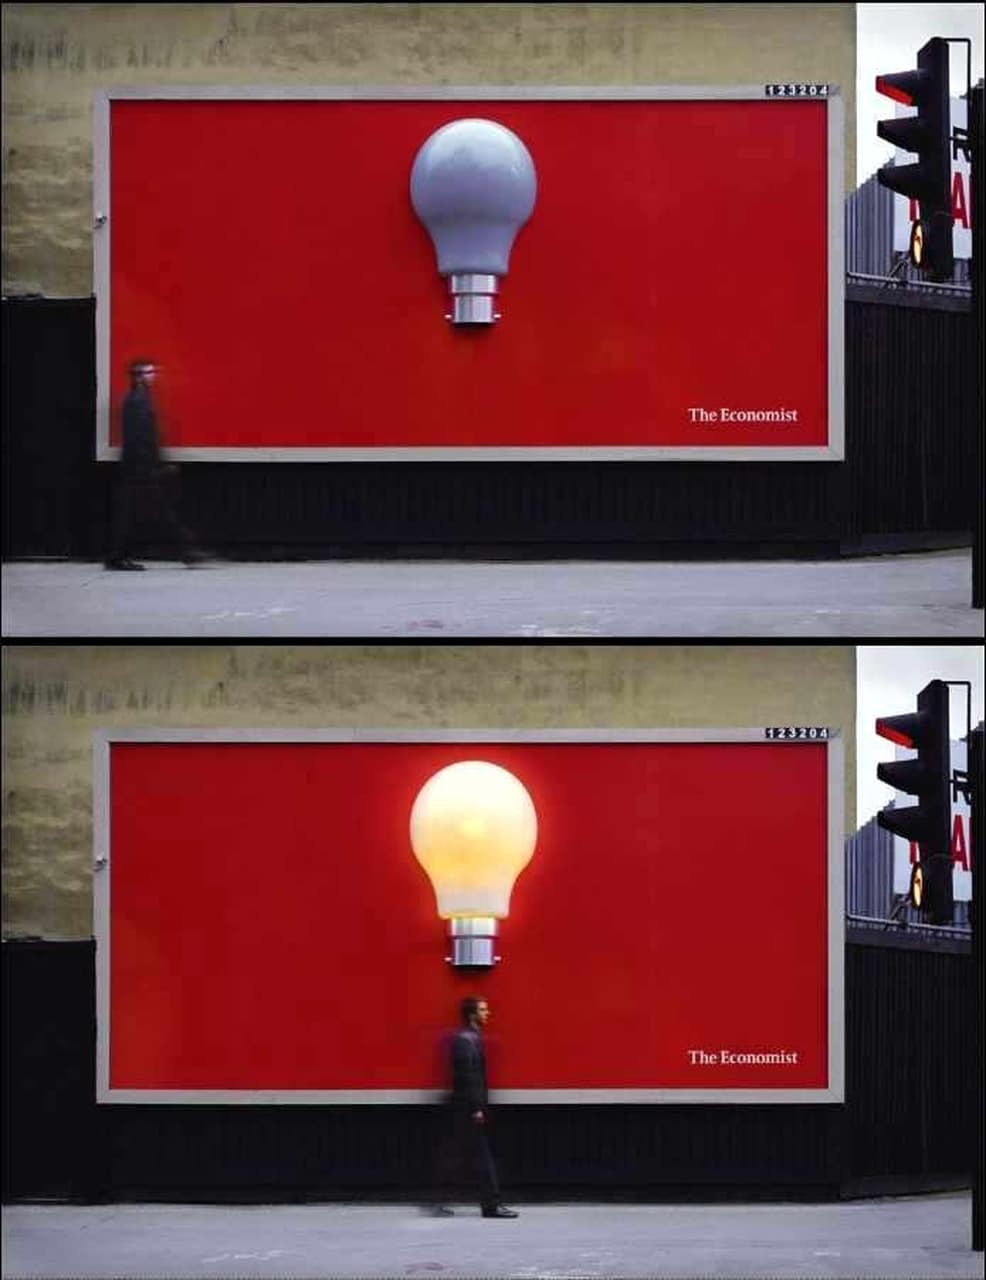 Yaratıcı,Billboard,Örnekleri,The,Economist,Ampul,Parlak,Fikir,Ekonomi,Dergisi